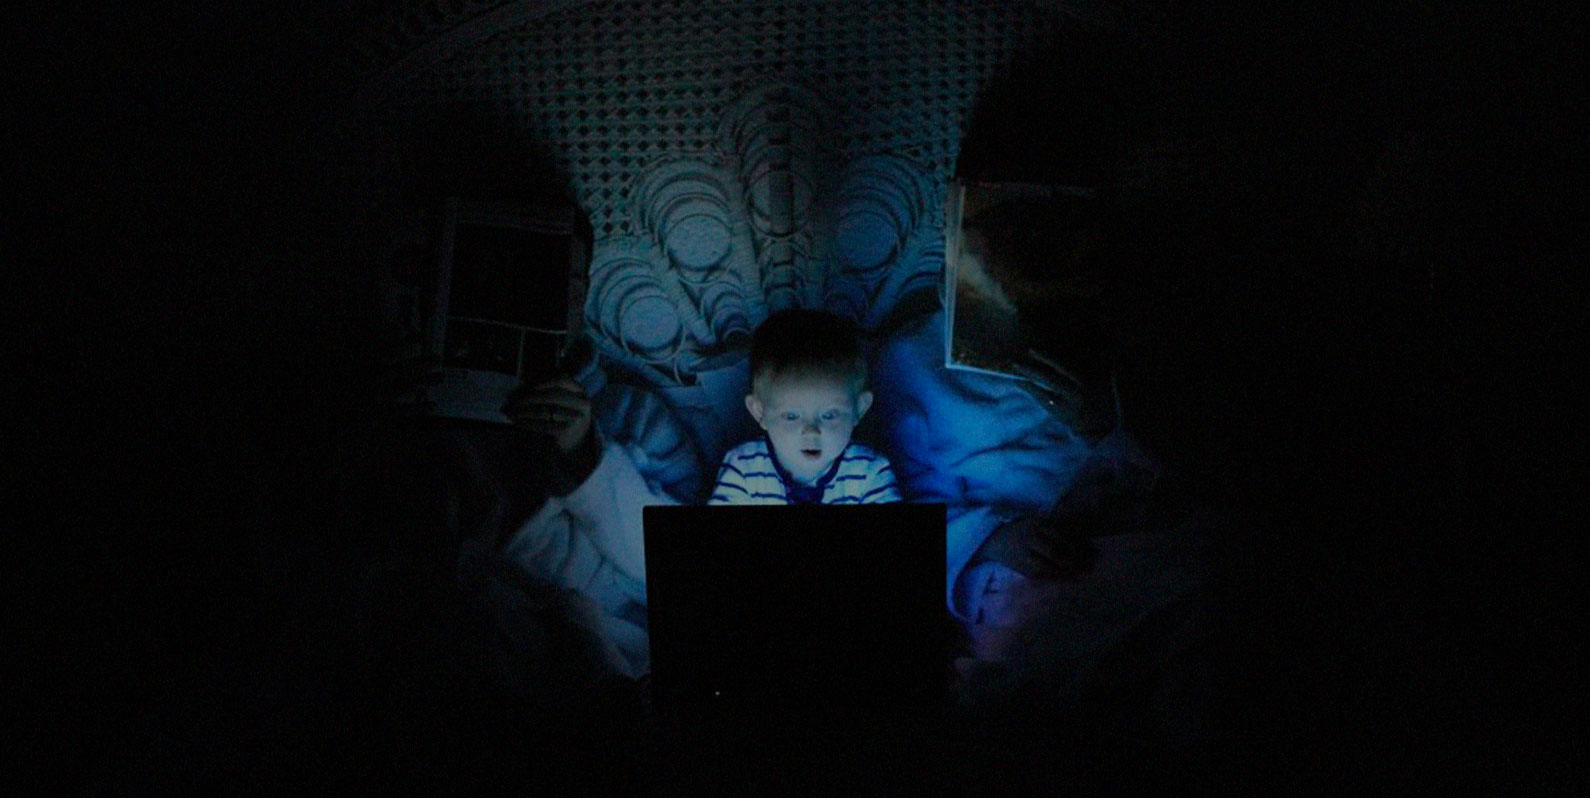 Por que crianças precisam de proteção especial contra a influência da Inteligência Artificial (IA)